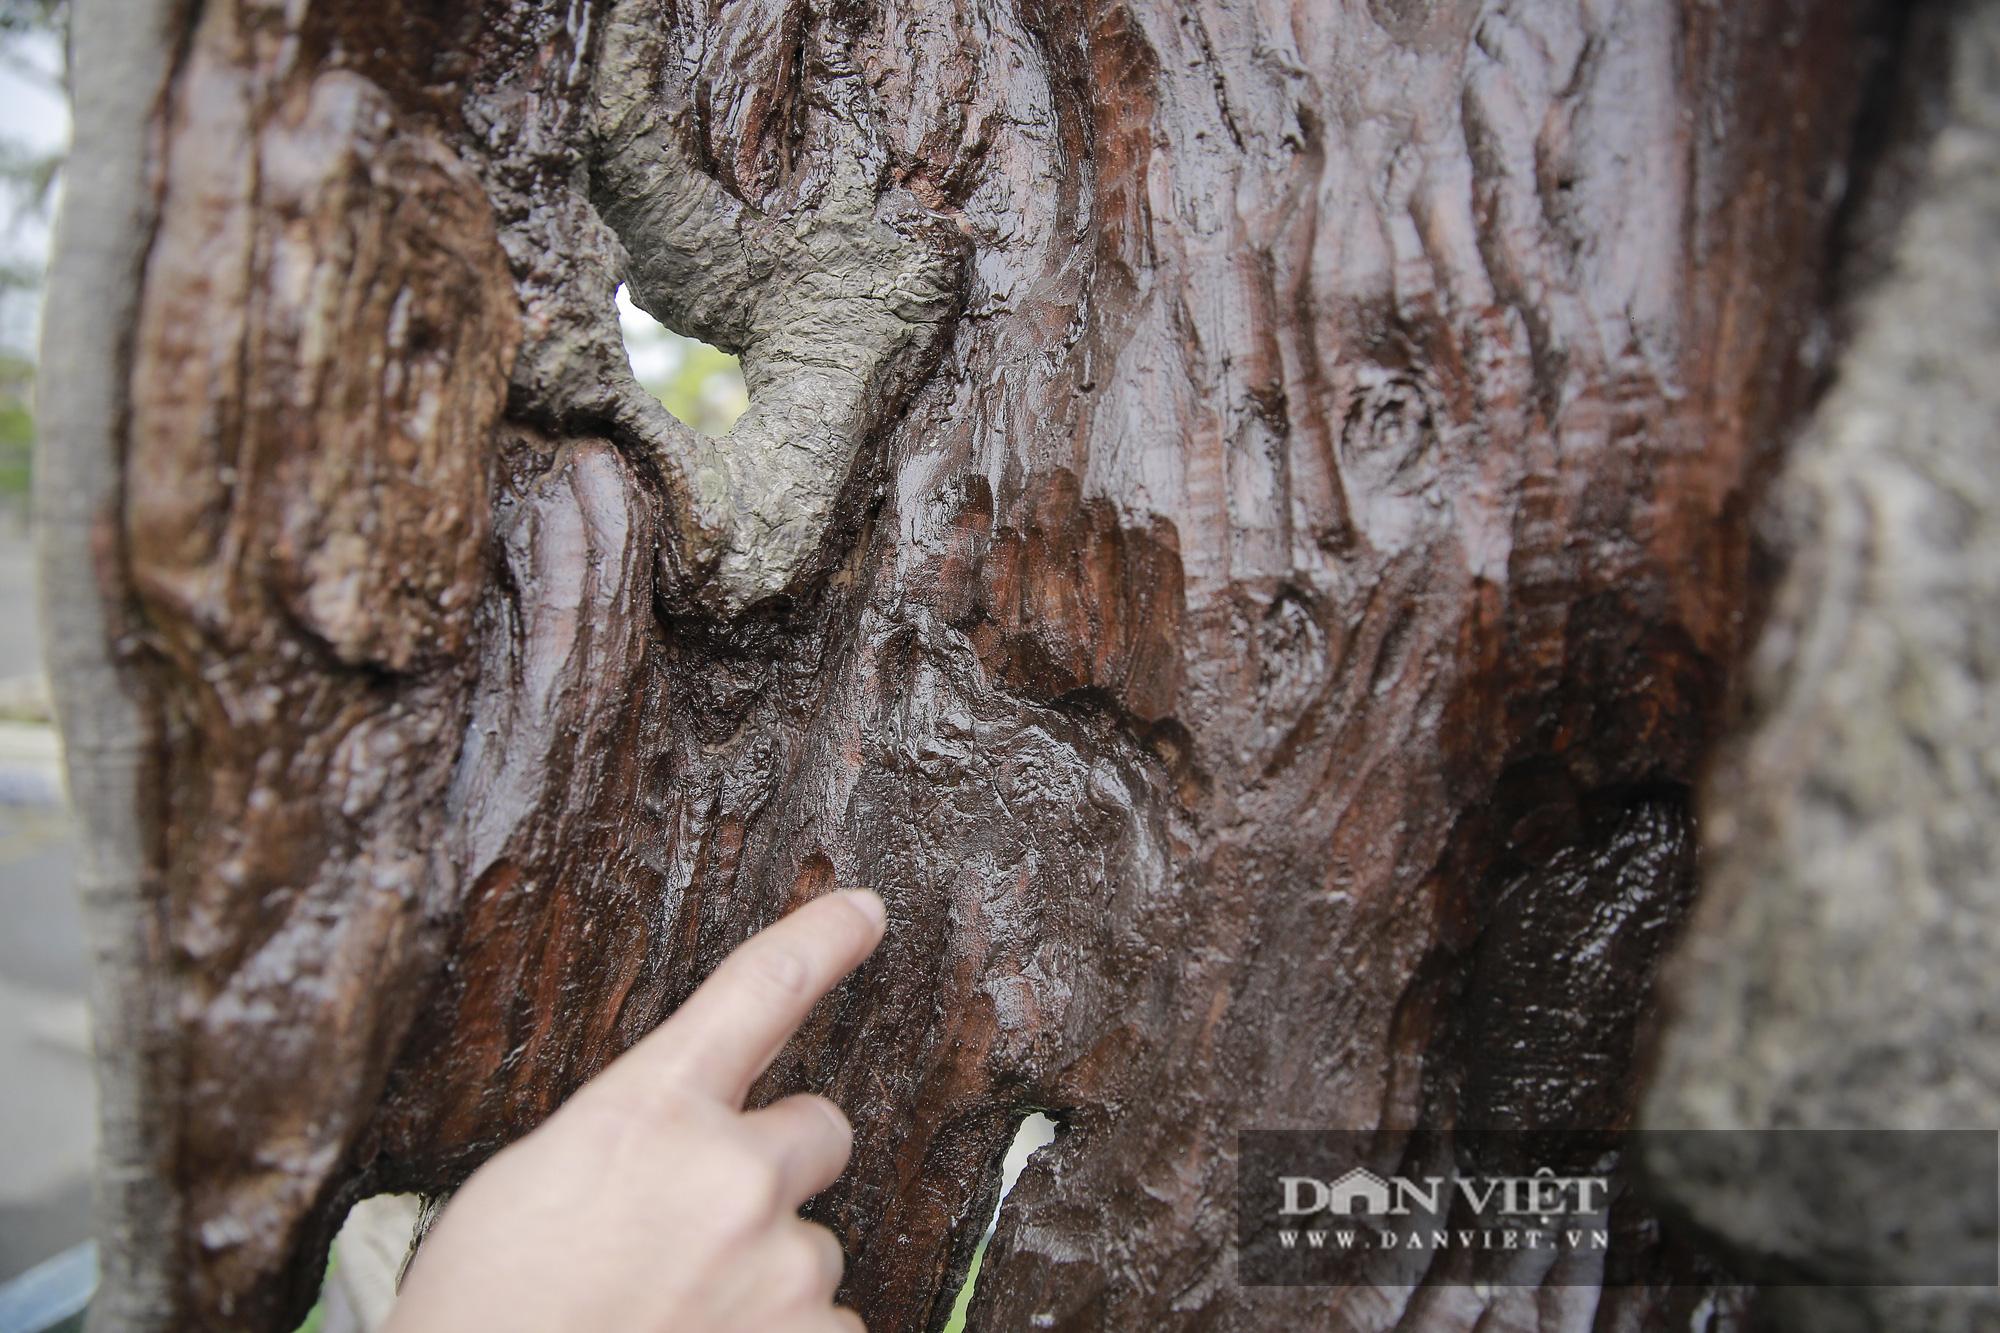 Mãn nhãn với những chậu bonsai quý hiếm tại Festival Sinh vật cảnh Hà Nội - Ảnh 7.